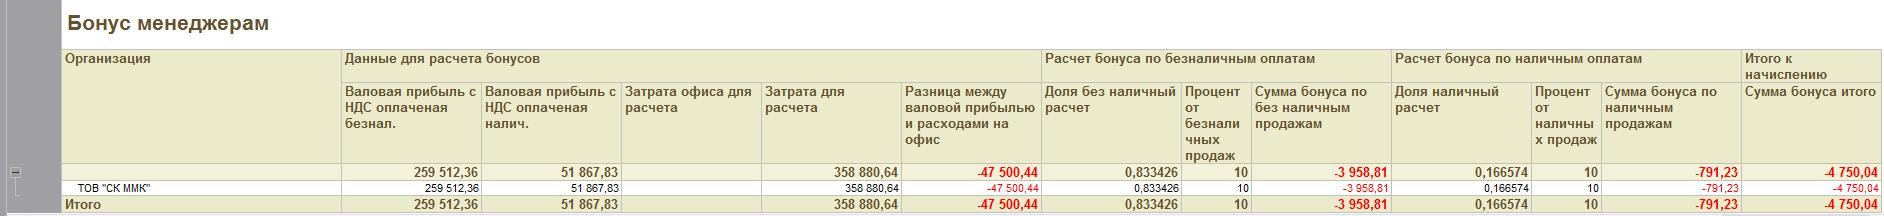 Отчет валовая прибыль по оплаченным реализациям_html_m4aeca4cf